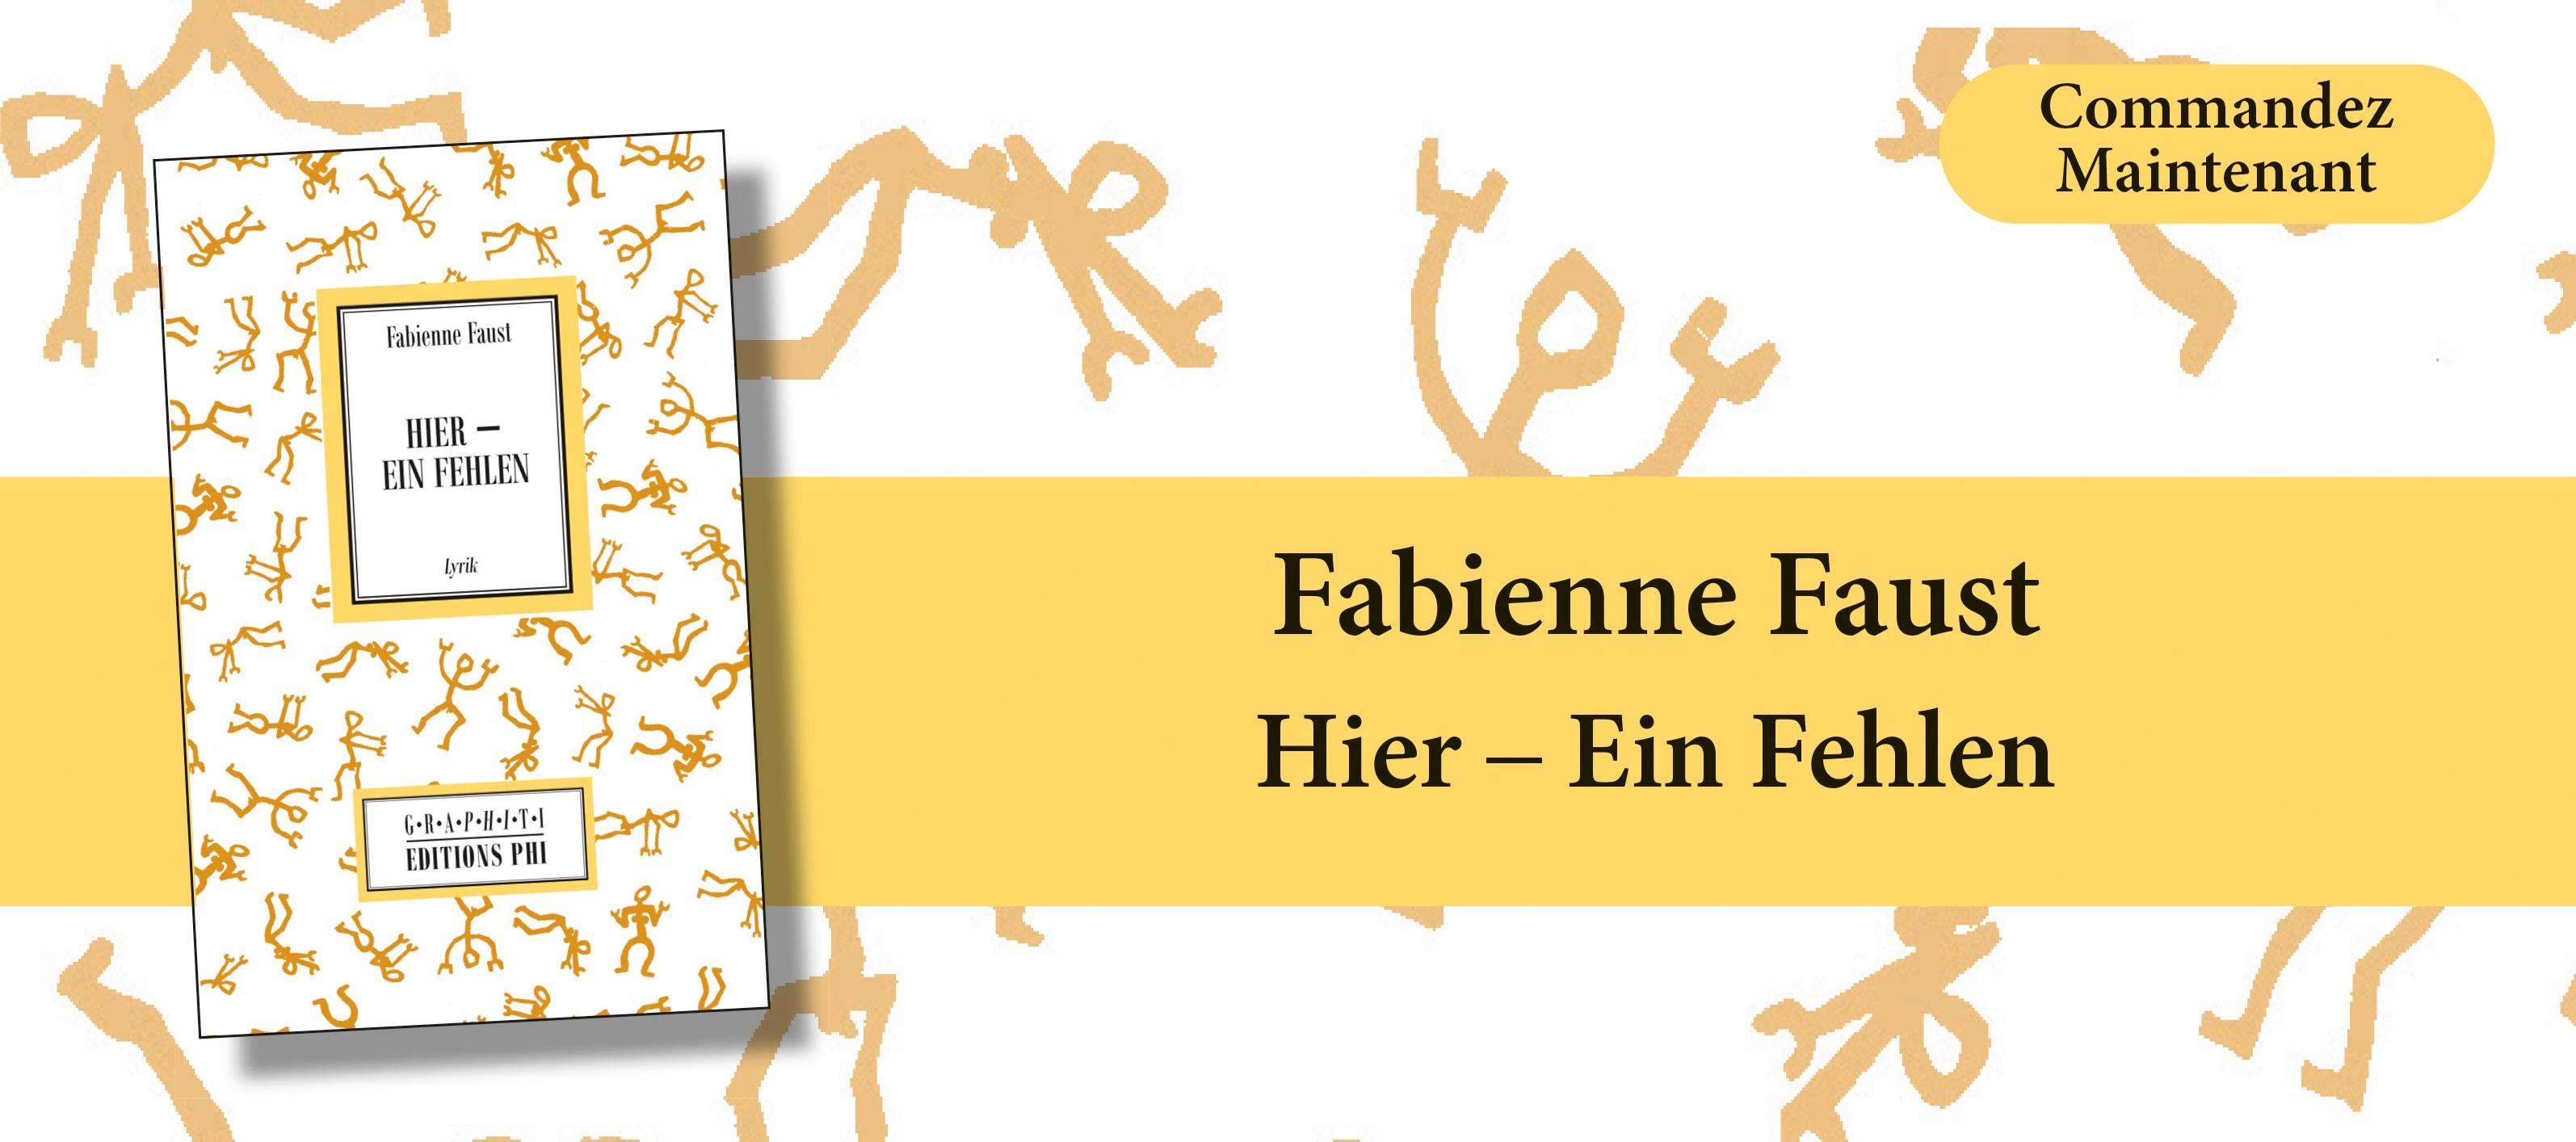 http://www.editionsphi.lu/fr/francais/482-fabienne-faust-hier-ein-fehlen.html